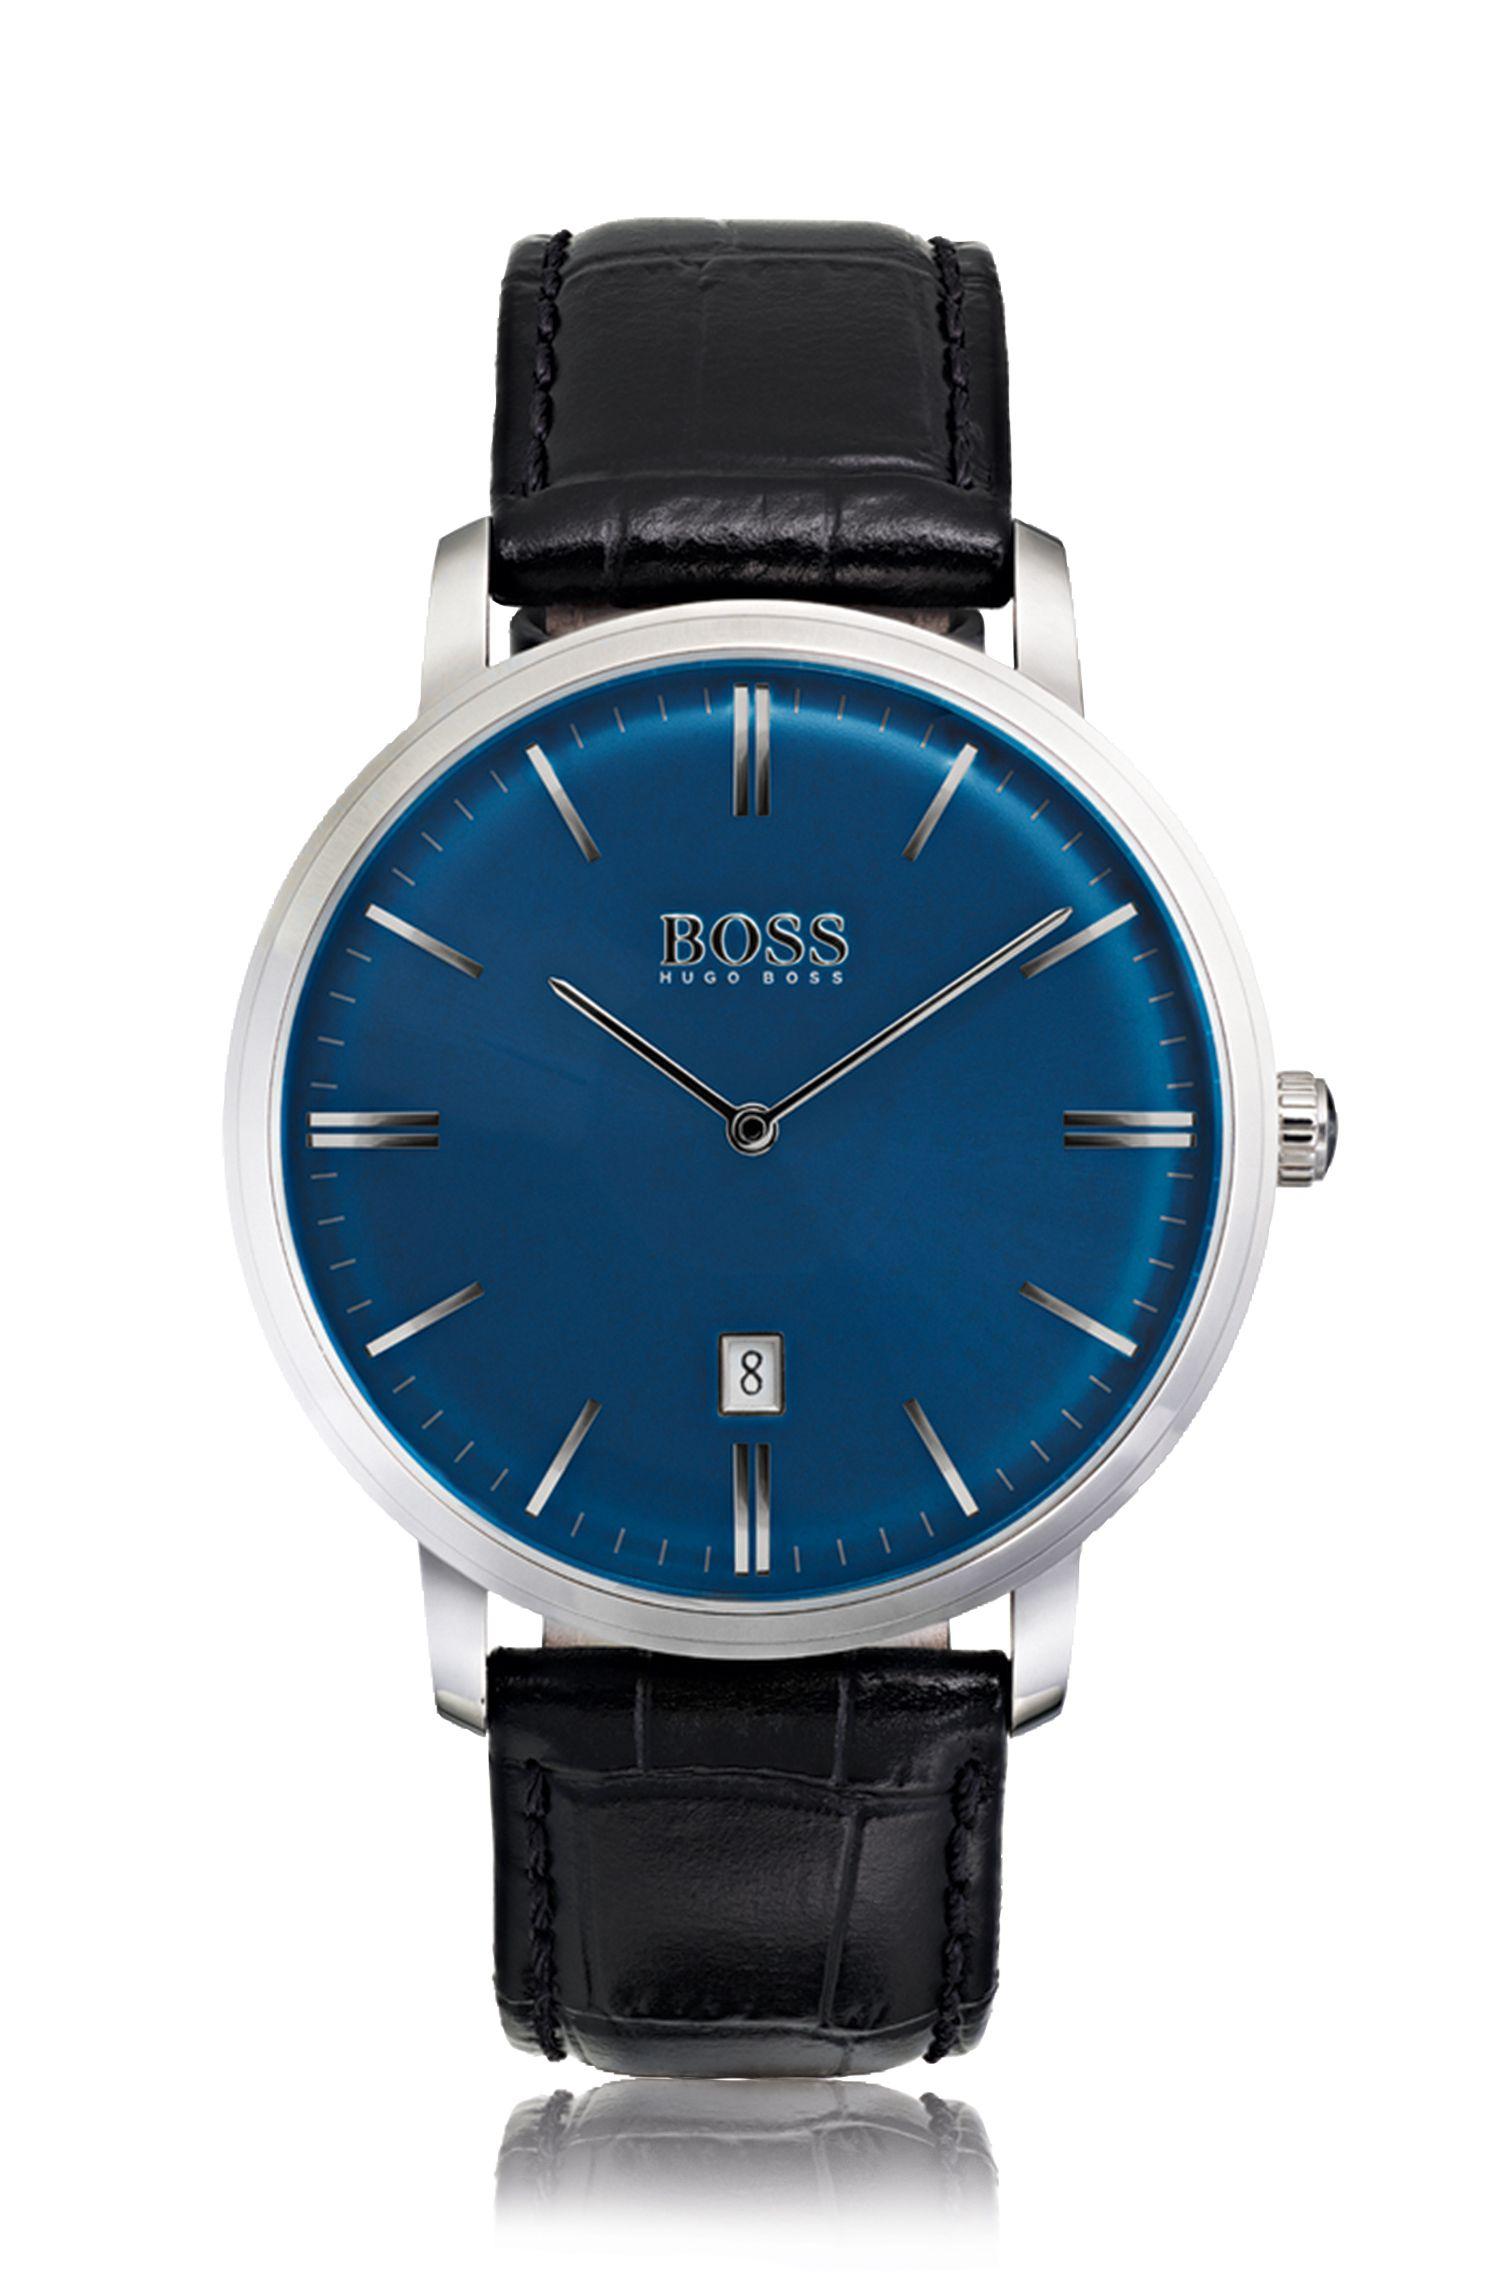 Reloj de acero inoxidable con esfera azul satinada y correa de piel